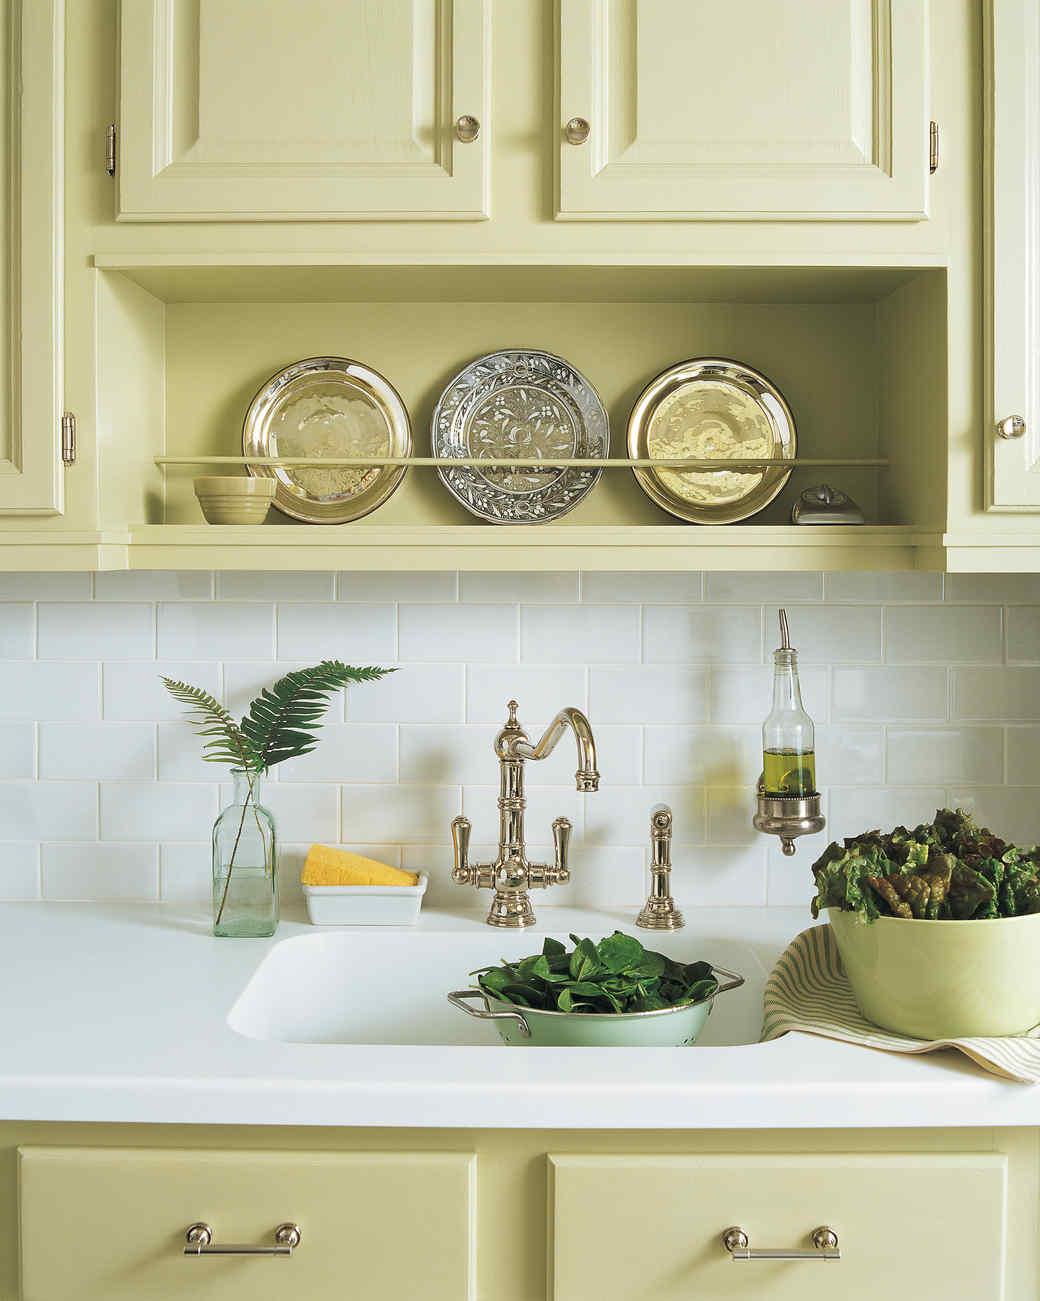 kitchen-transformed-04-d100607-0815.jpg